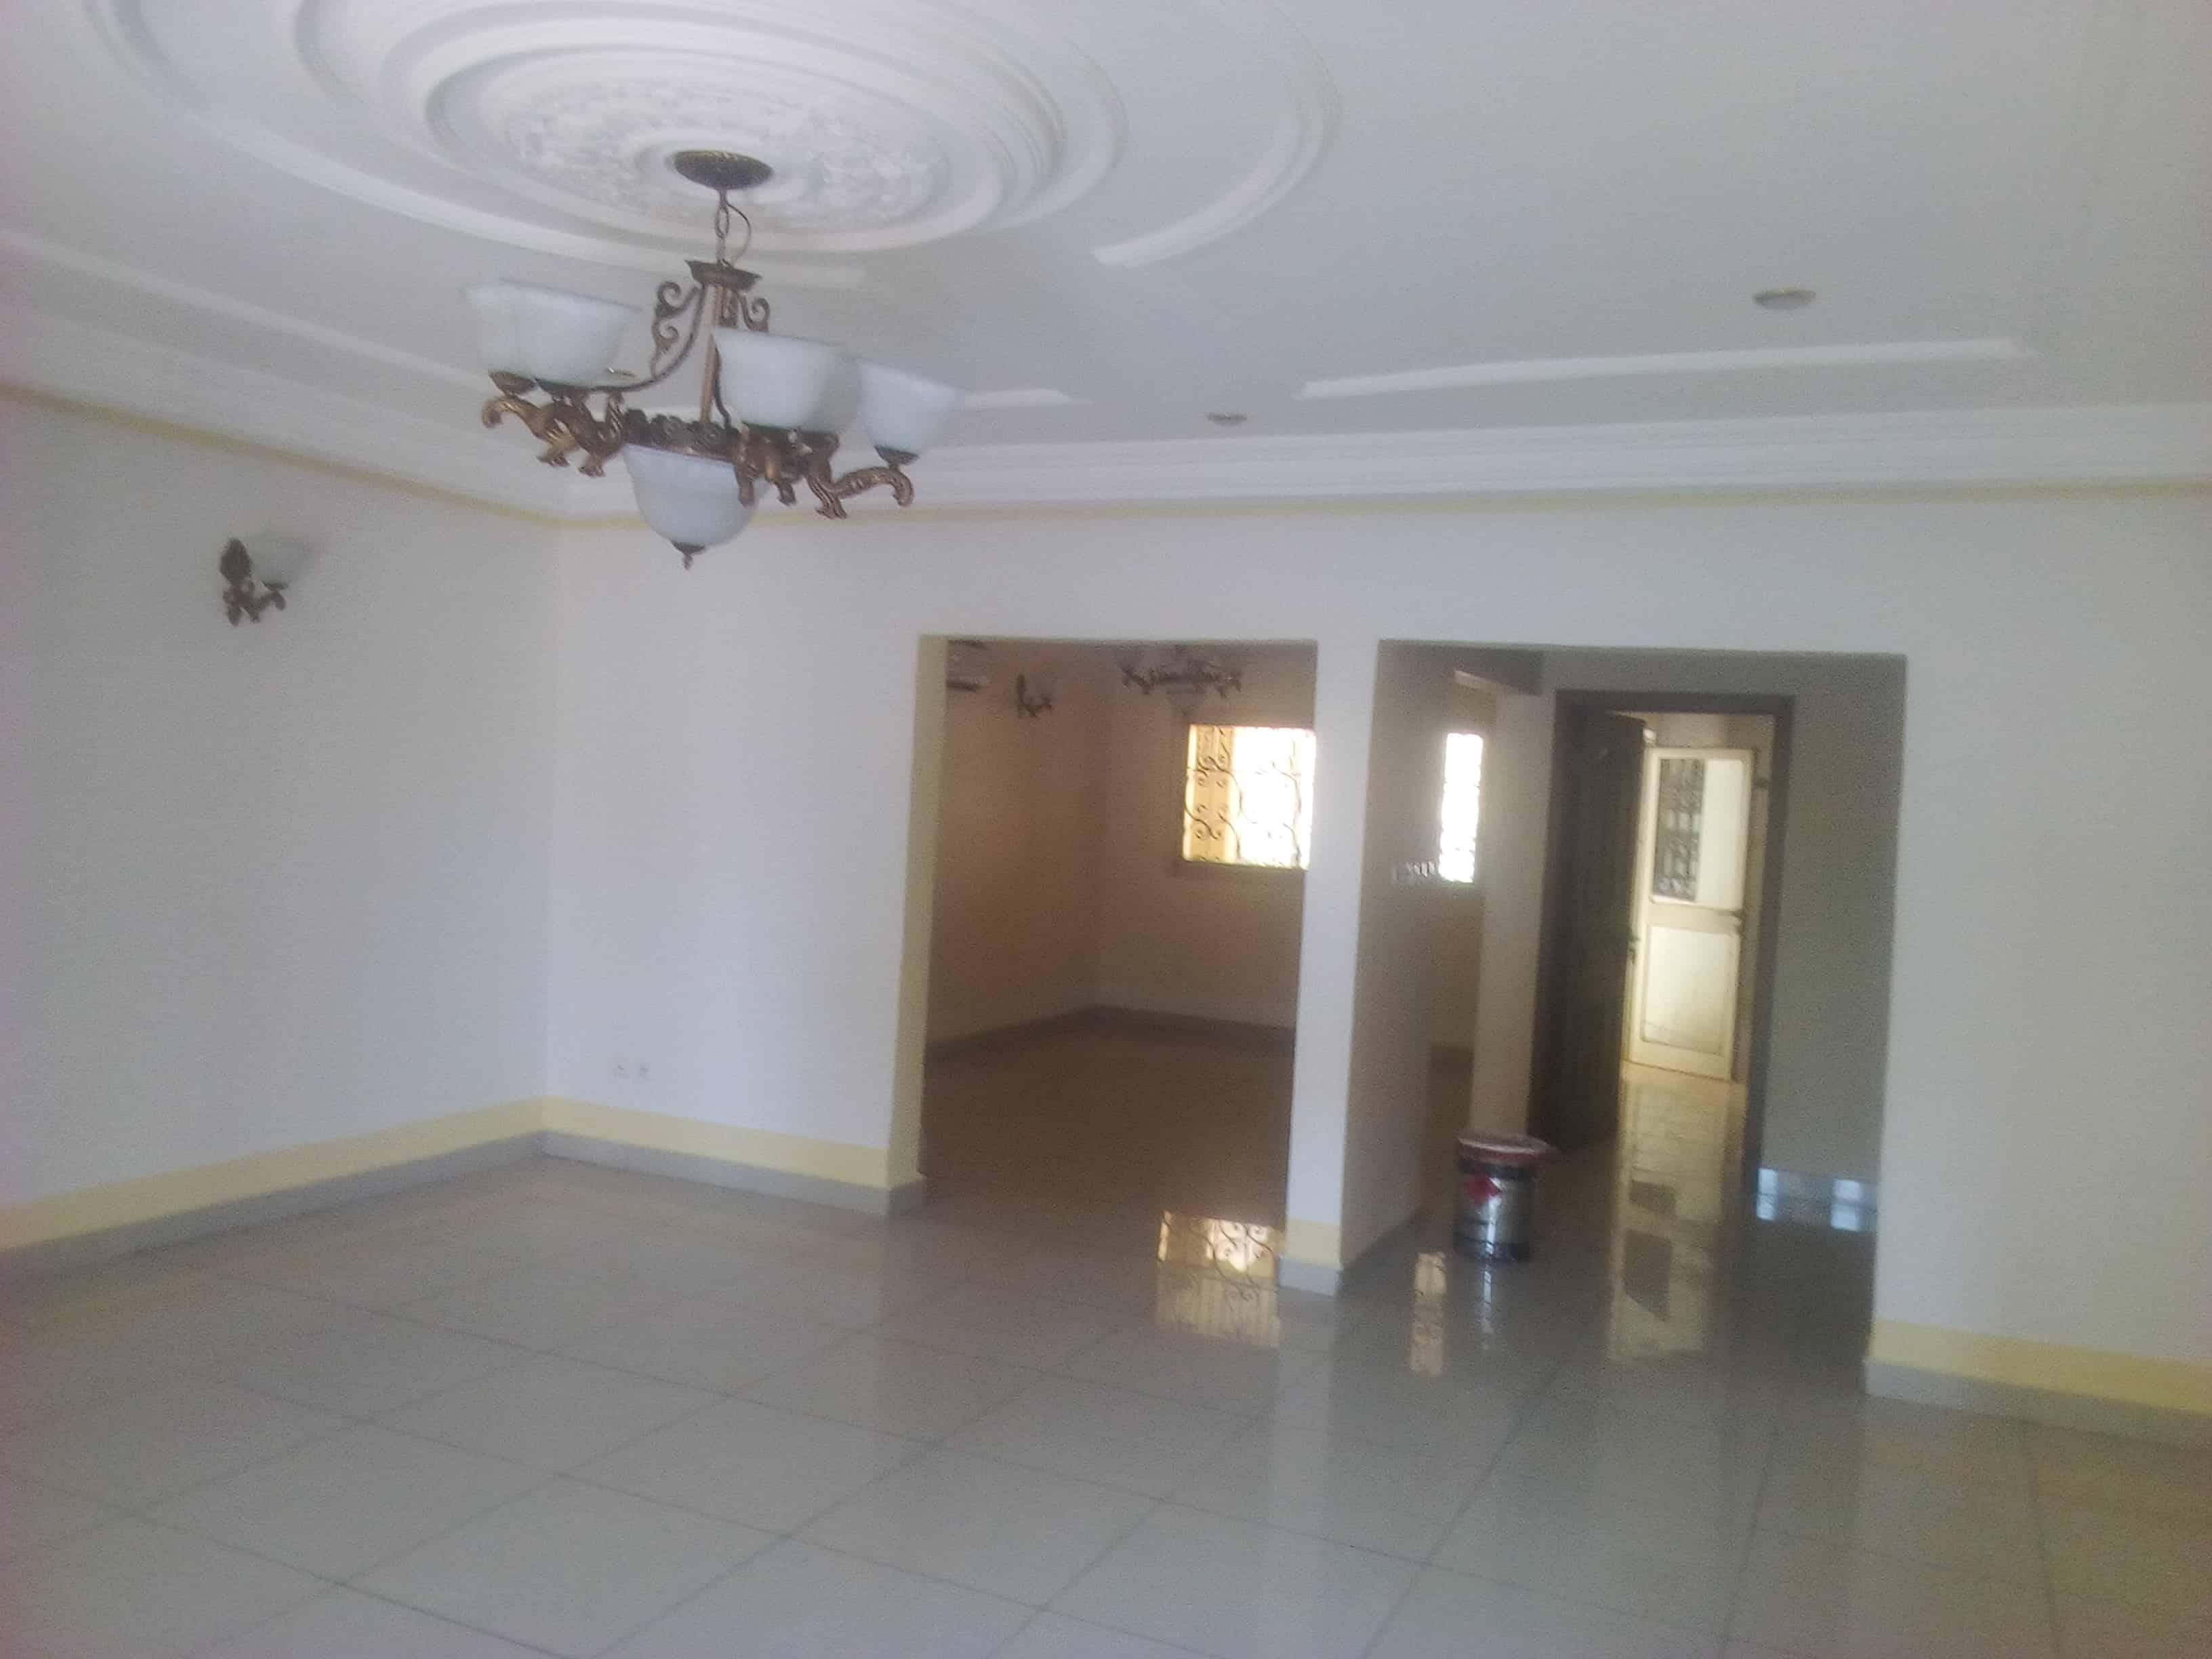 Bureau à louer à Yaoundé, Bastos, Pas loin du rond point -  m2 - 3 500 000 FCFA